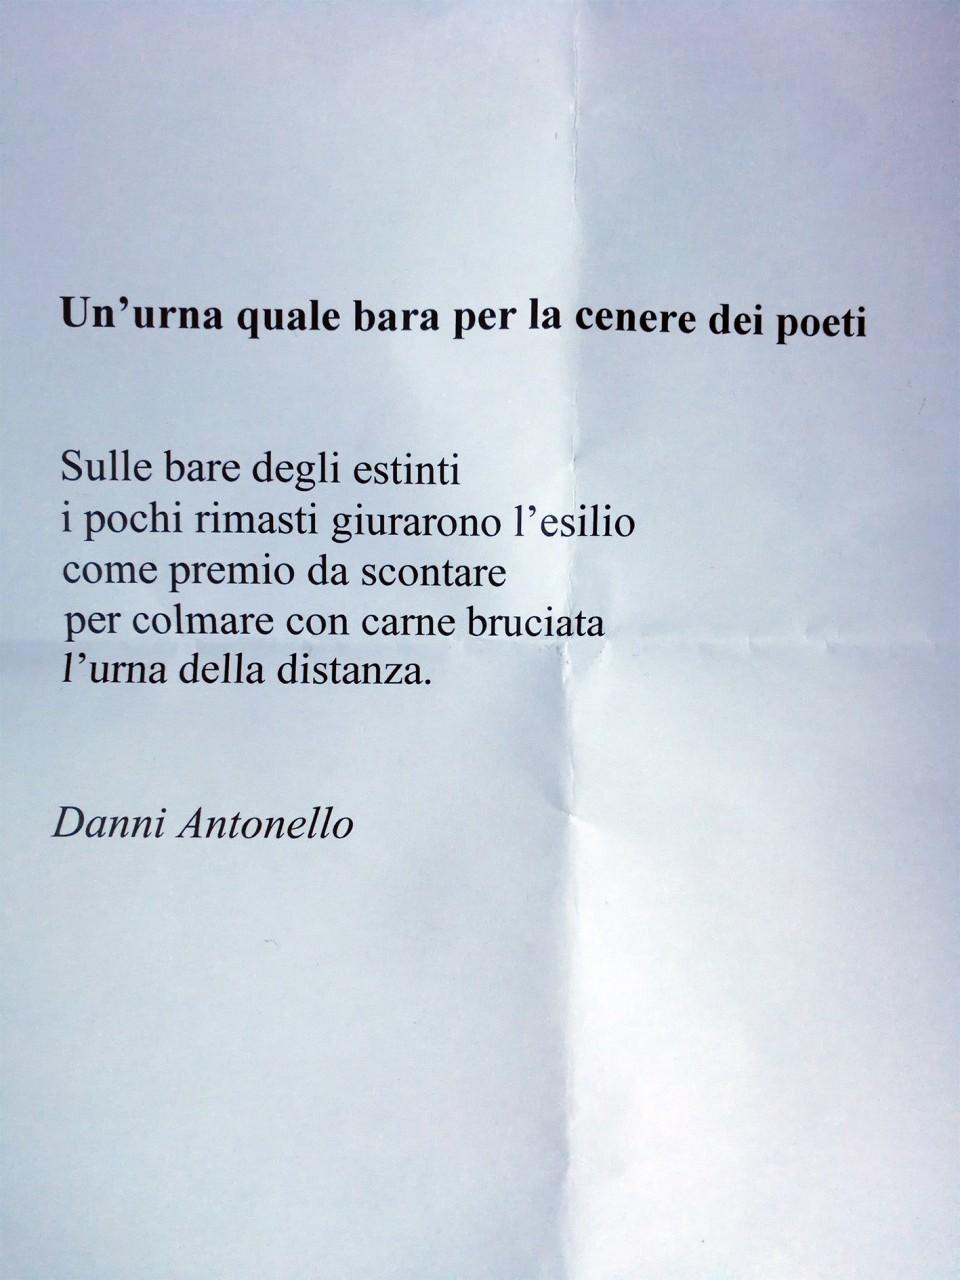 Favoloso Poesie e lacrime per Danni, commemorazione in piazza | Cronache  FH15